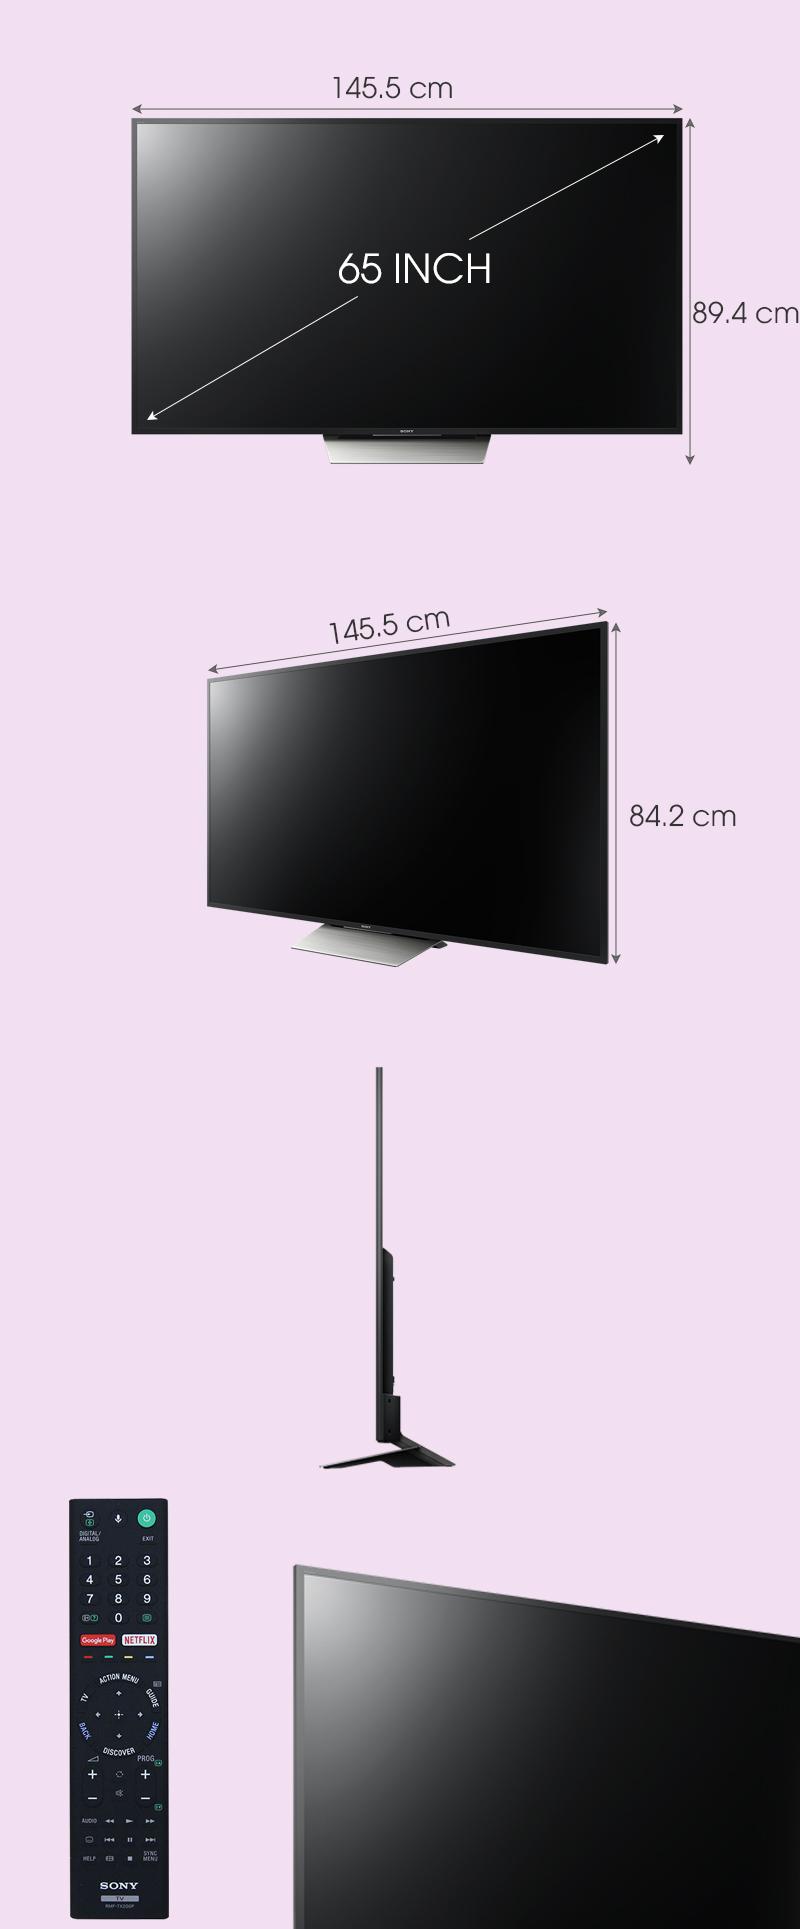 Android Tivi Sony 65 inch KD-65X8500D - Kích thước tivi